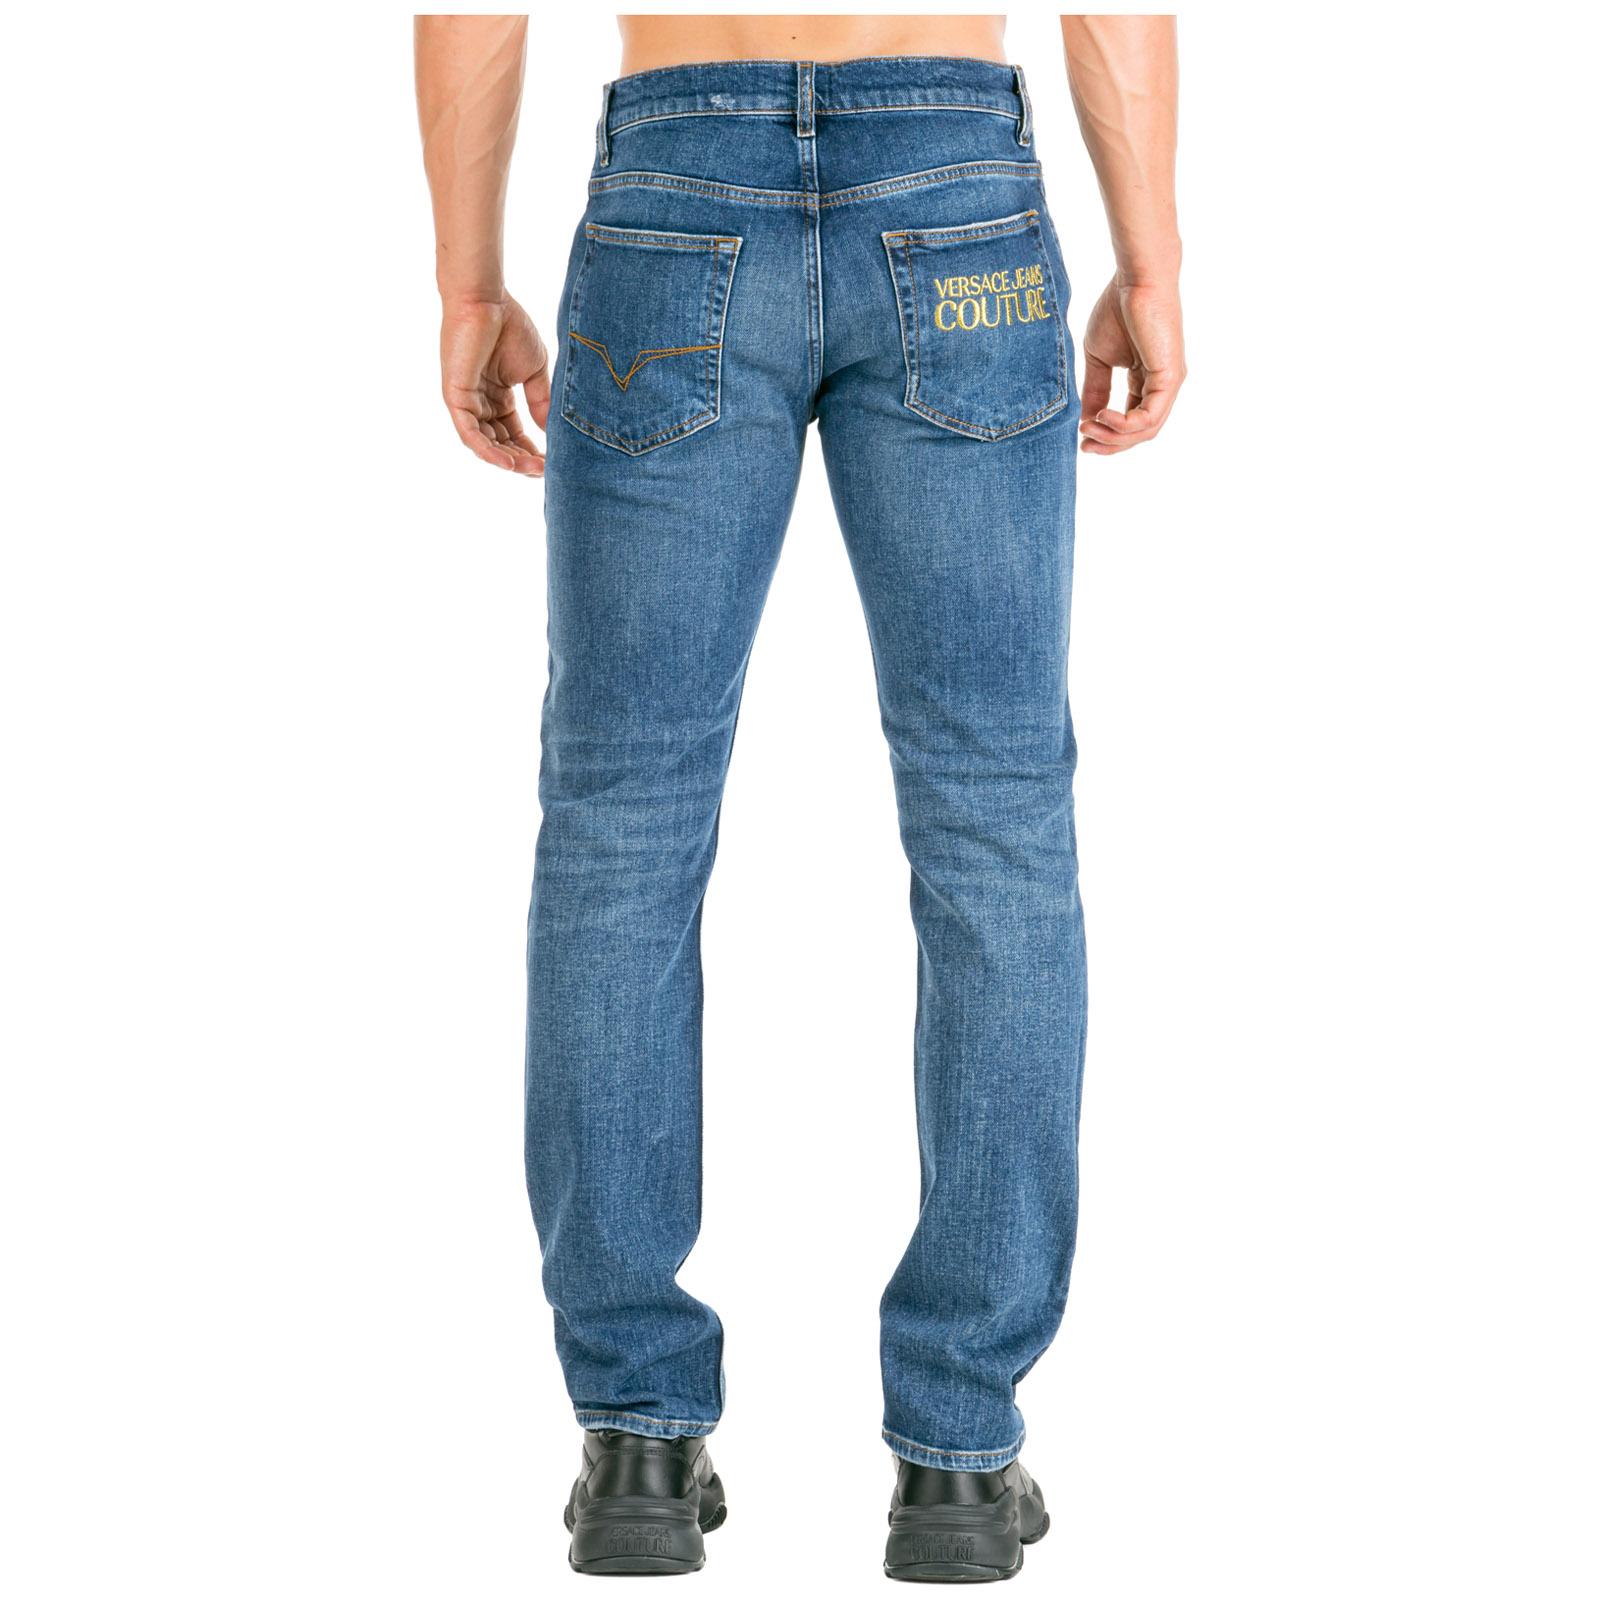 Vaqueros Versace Jeans Couture Ea2gua0sn E60511 E904 Blu Frmoda Com